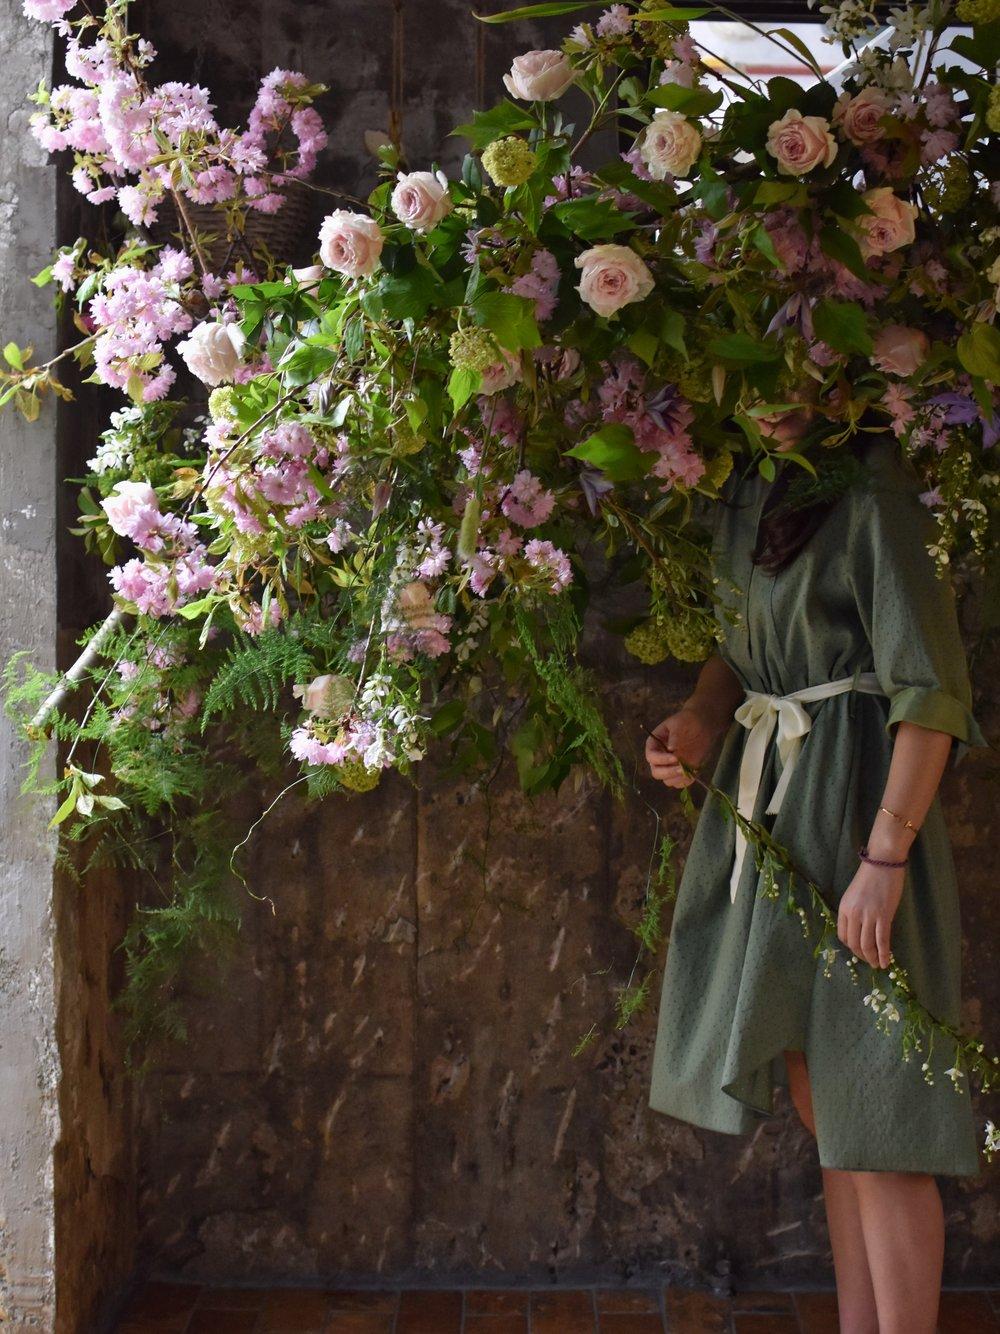 Hanaing Installation(Blooming Garden) (3).jpg